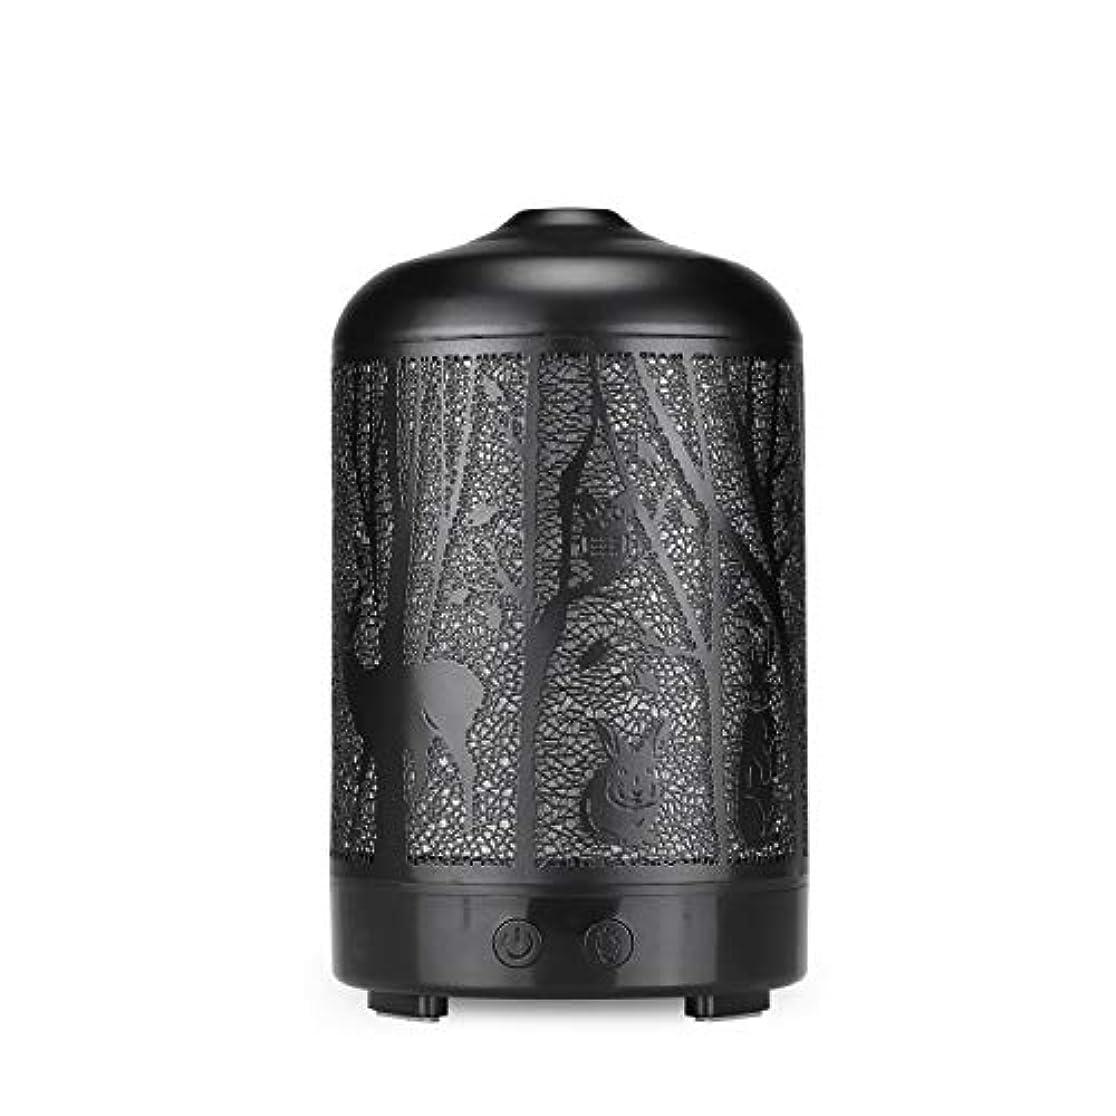 侵入キウイ処分したエッセンシャルオイルディフューザー、100 ml超音波金属ディアーアロマセラピー香り油拡散気化器加湿器